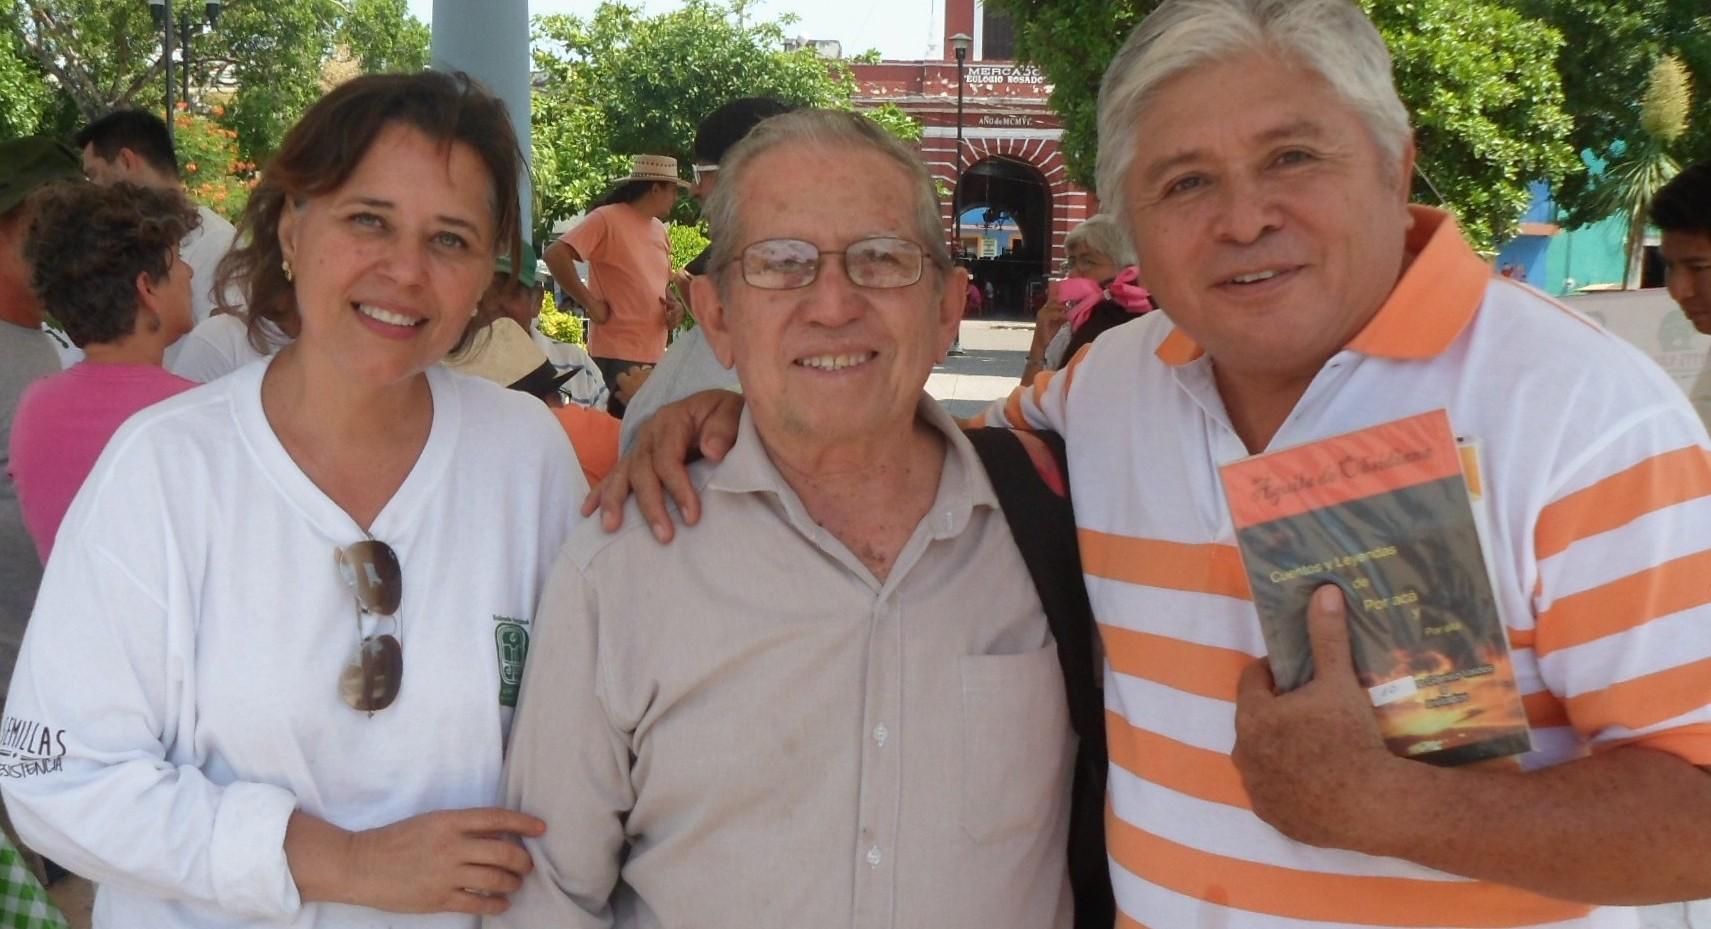 Jesús Solís Alpuche posa con dos de sus amigos. Una señorita no identificada y el presbítero Atilano Ceballos